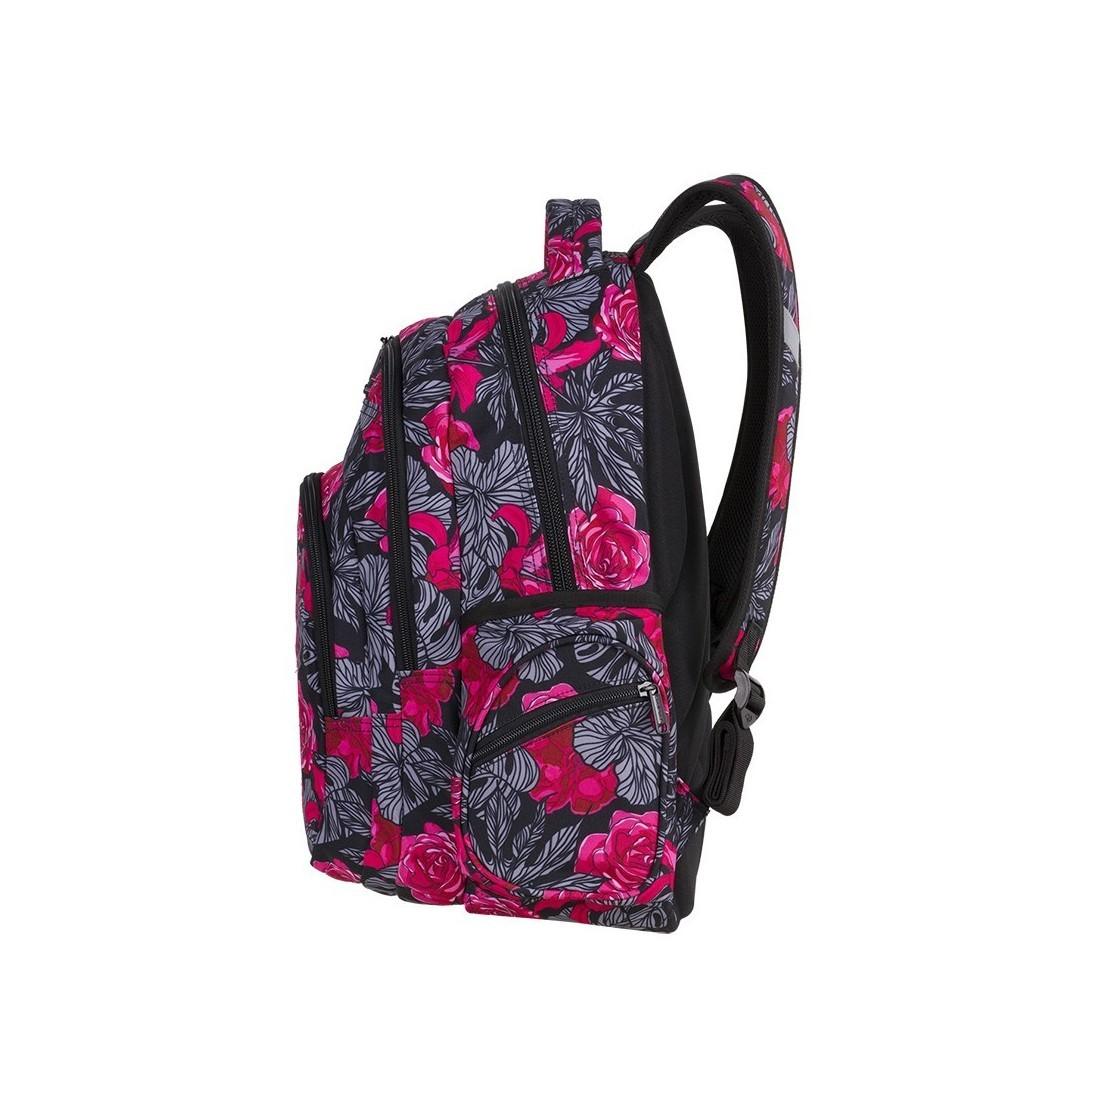 9622fa58faf56 ... Plecak szkolny CoolPack CP FLASH RED & BLACK FLOWERS hiszpańskie kwiaty  A240 + POMPON GRATIS ...